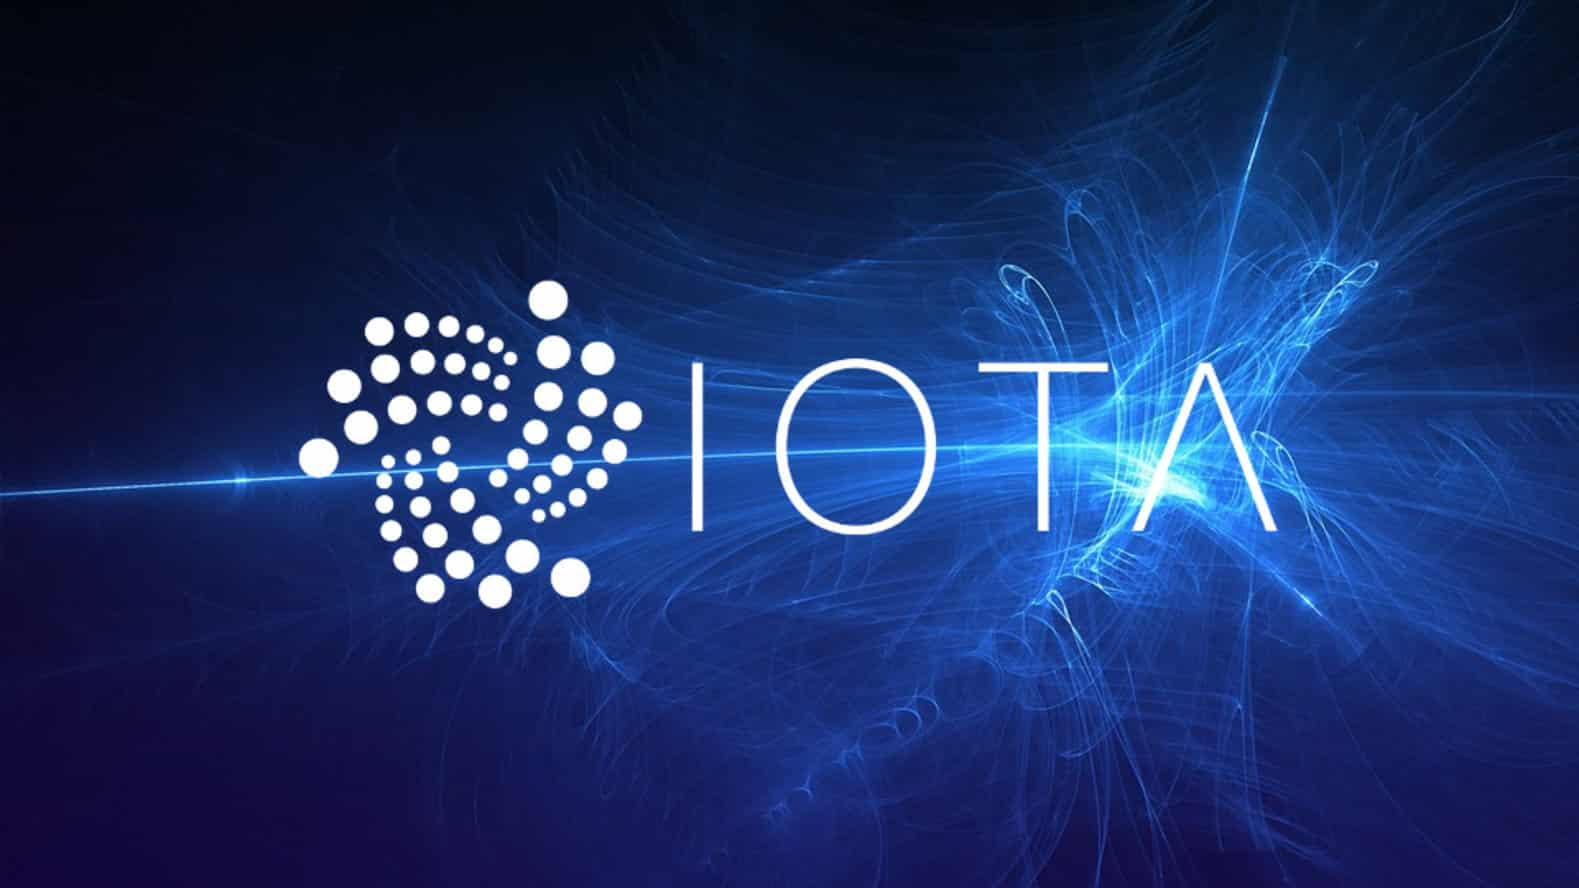 تعطل شبكة IOTA لمدة 15 ساعة بسبب خلل تقني